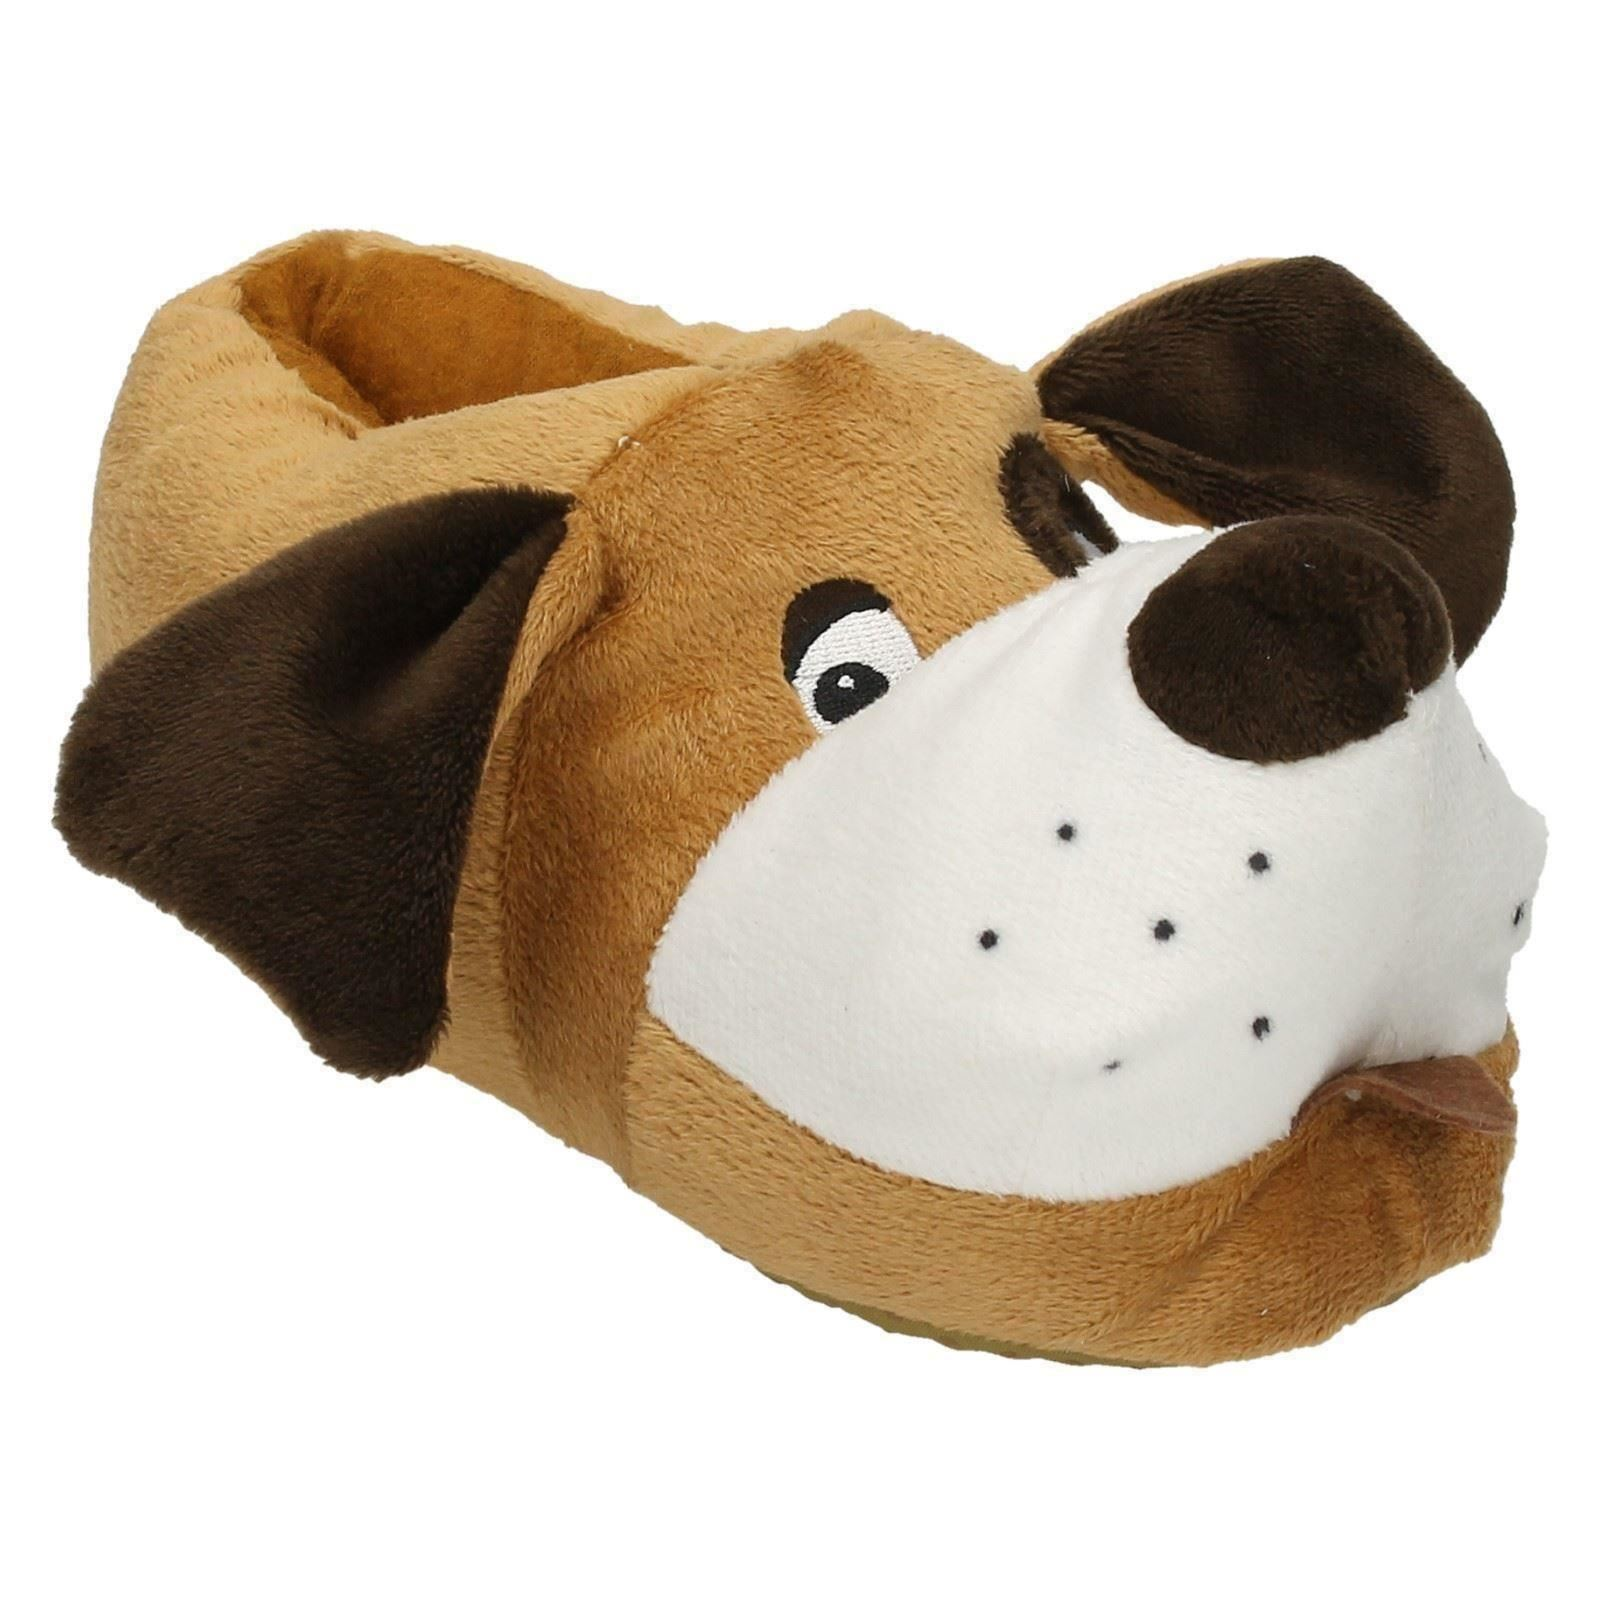 Unisex Junior Spot On Flat Novelty /'Dog Slippers/'